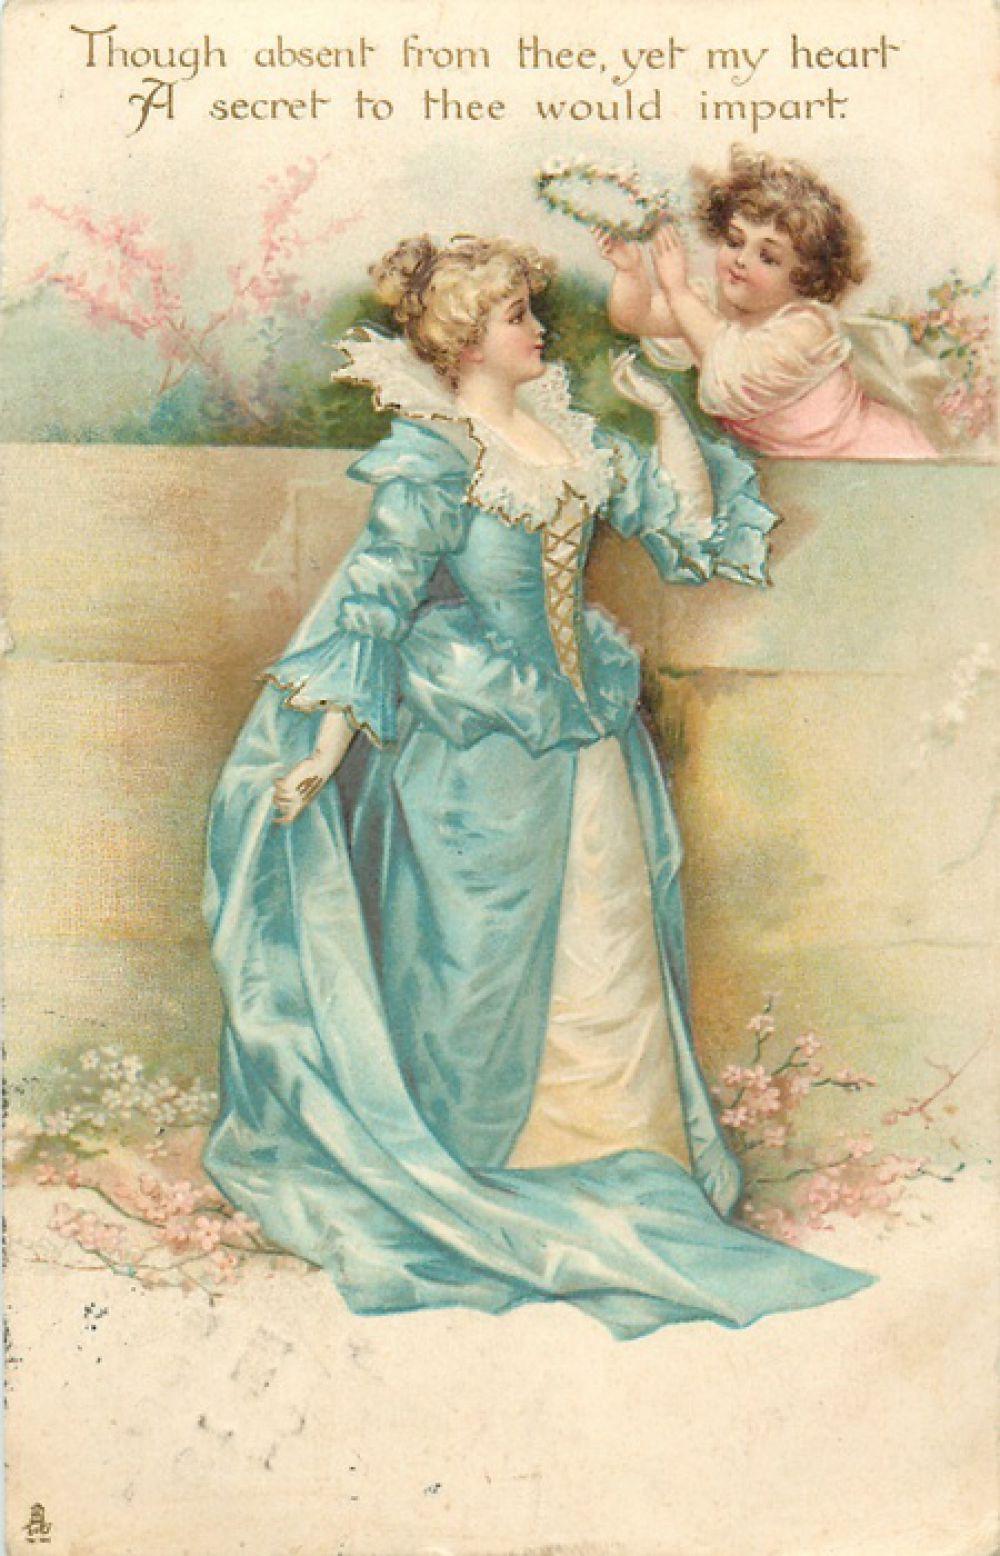 В конце 19 века валентинки начинают изготавливать на промышленных станках, основными производителями являлись США, Англия и Германия